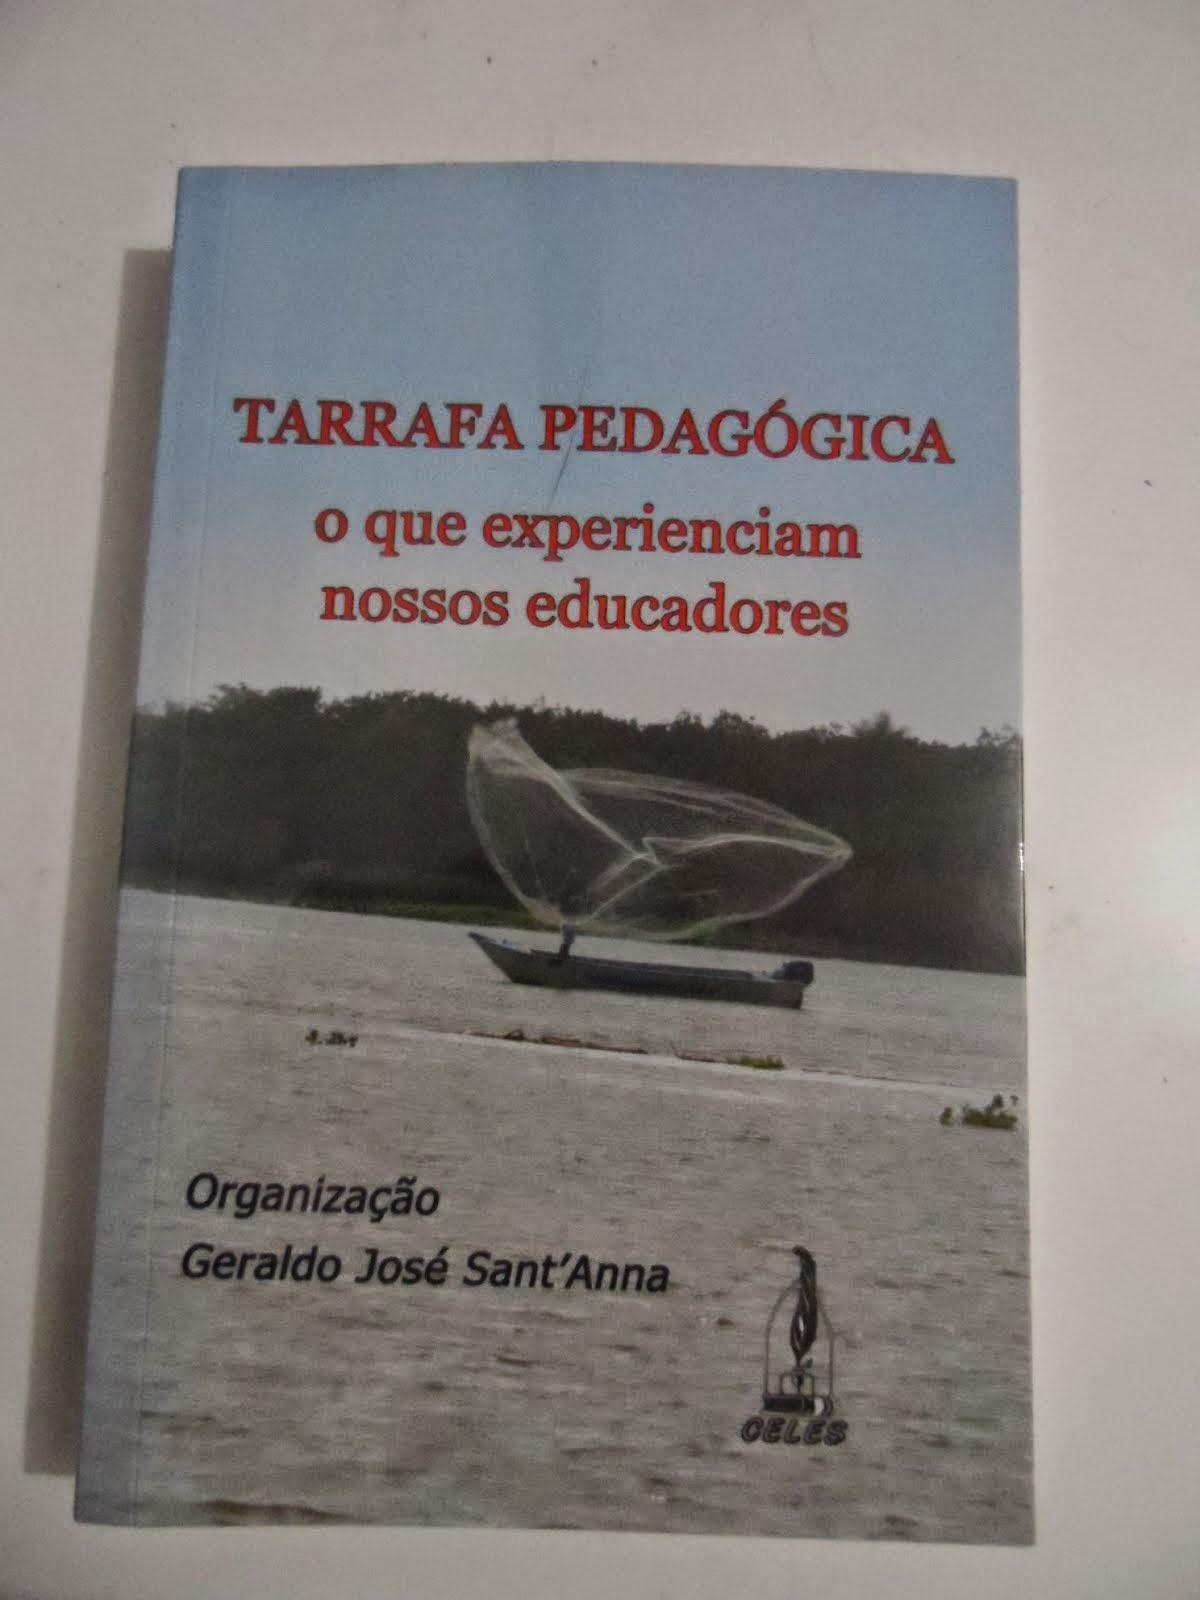 Tarrafa Pedagógica